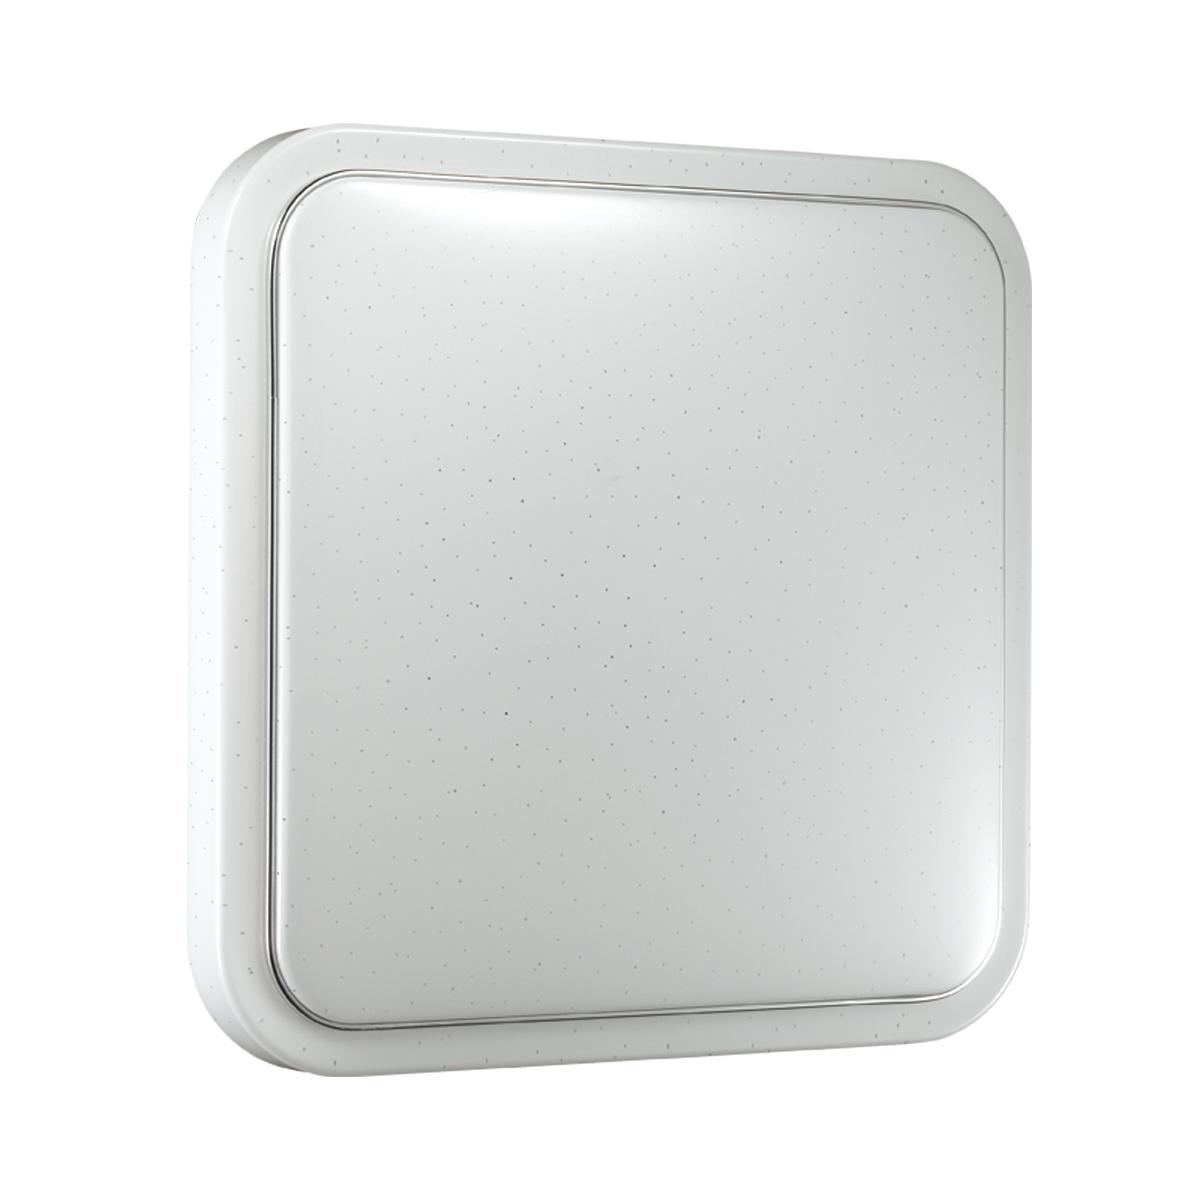 Потолочные светильники 2014/F Kvadri Sonex